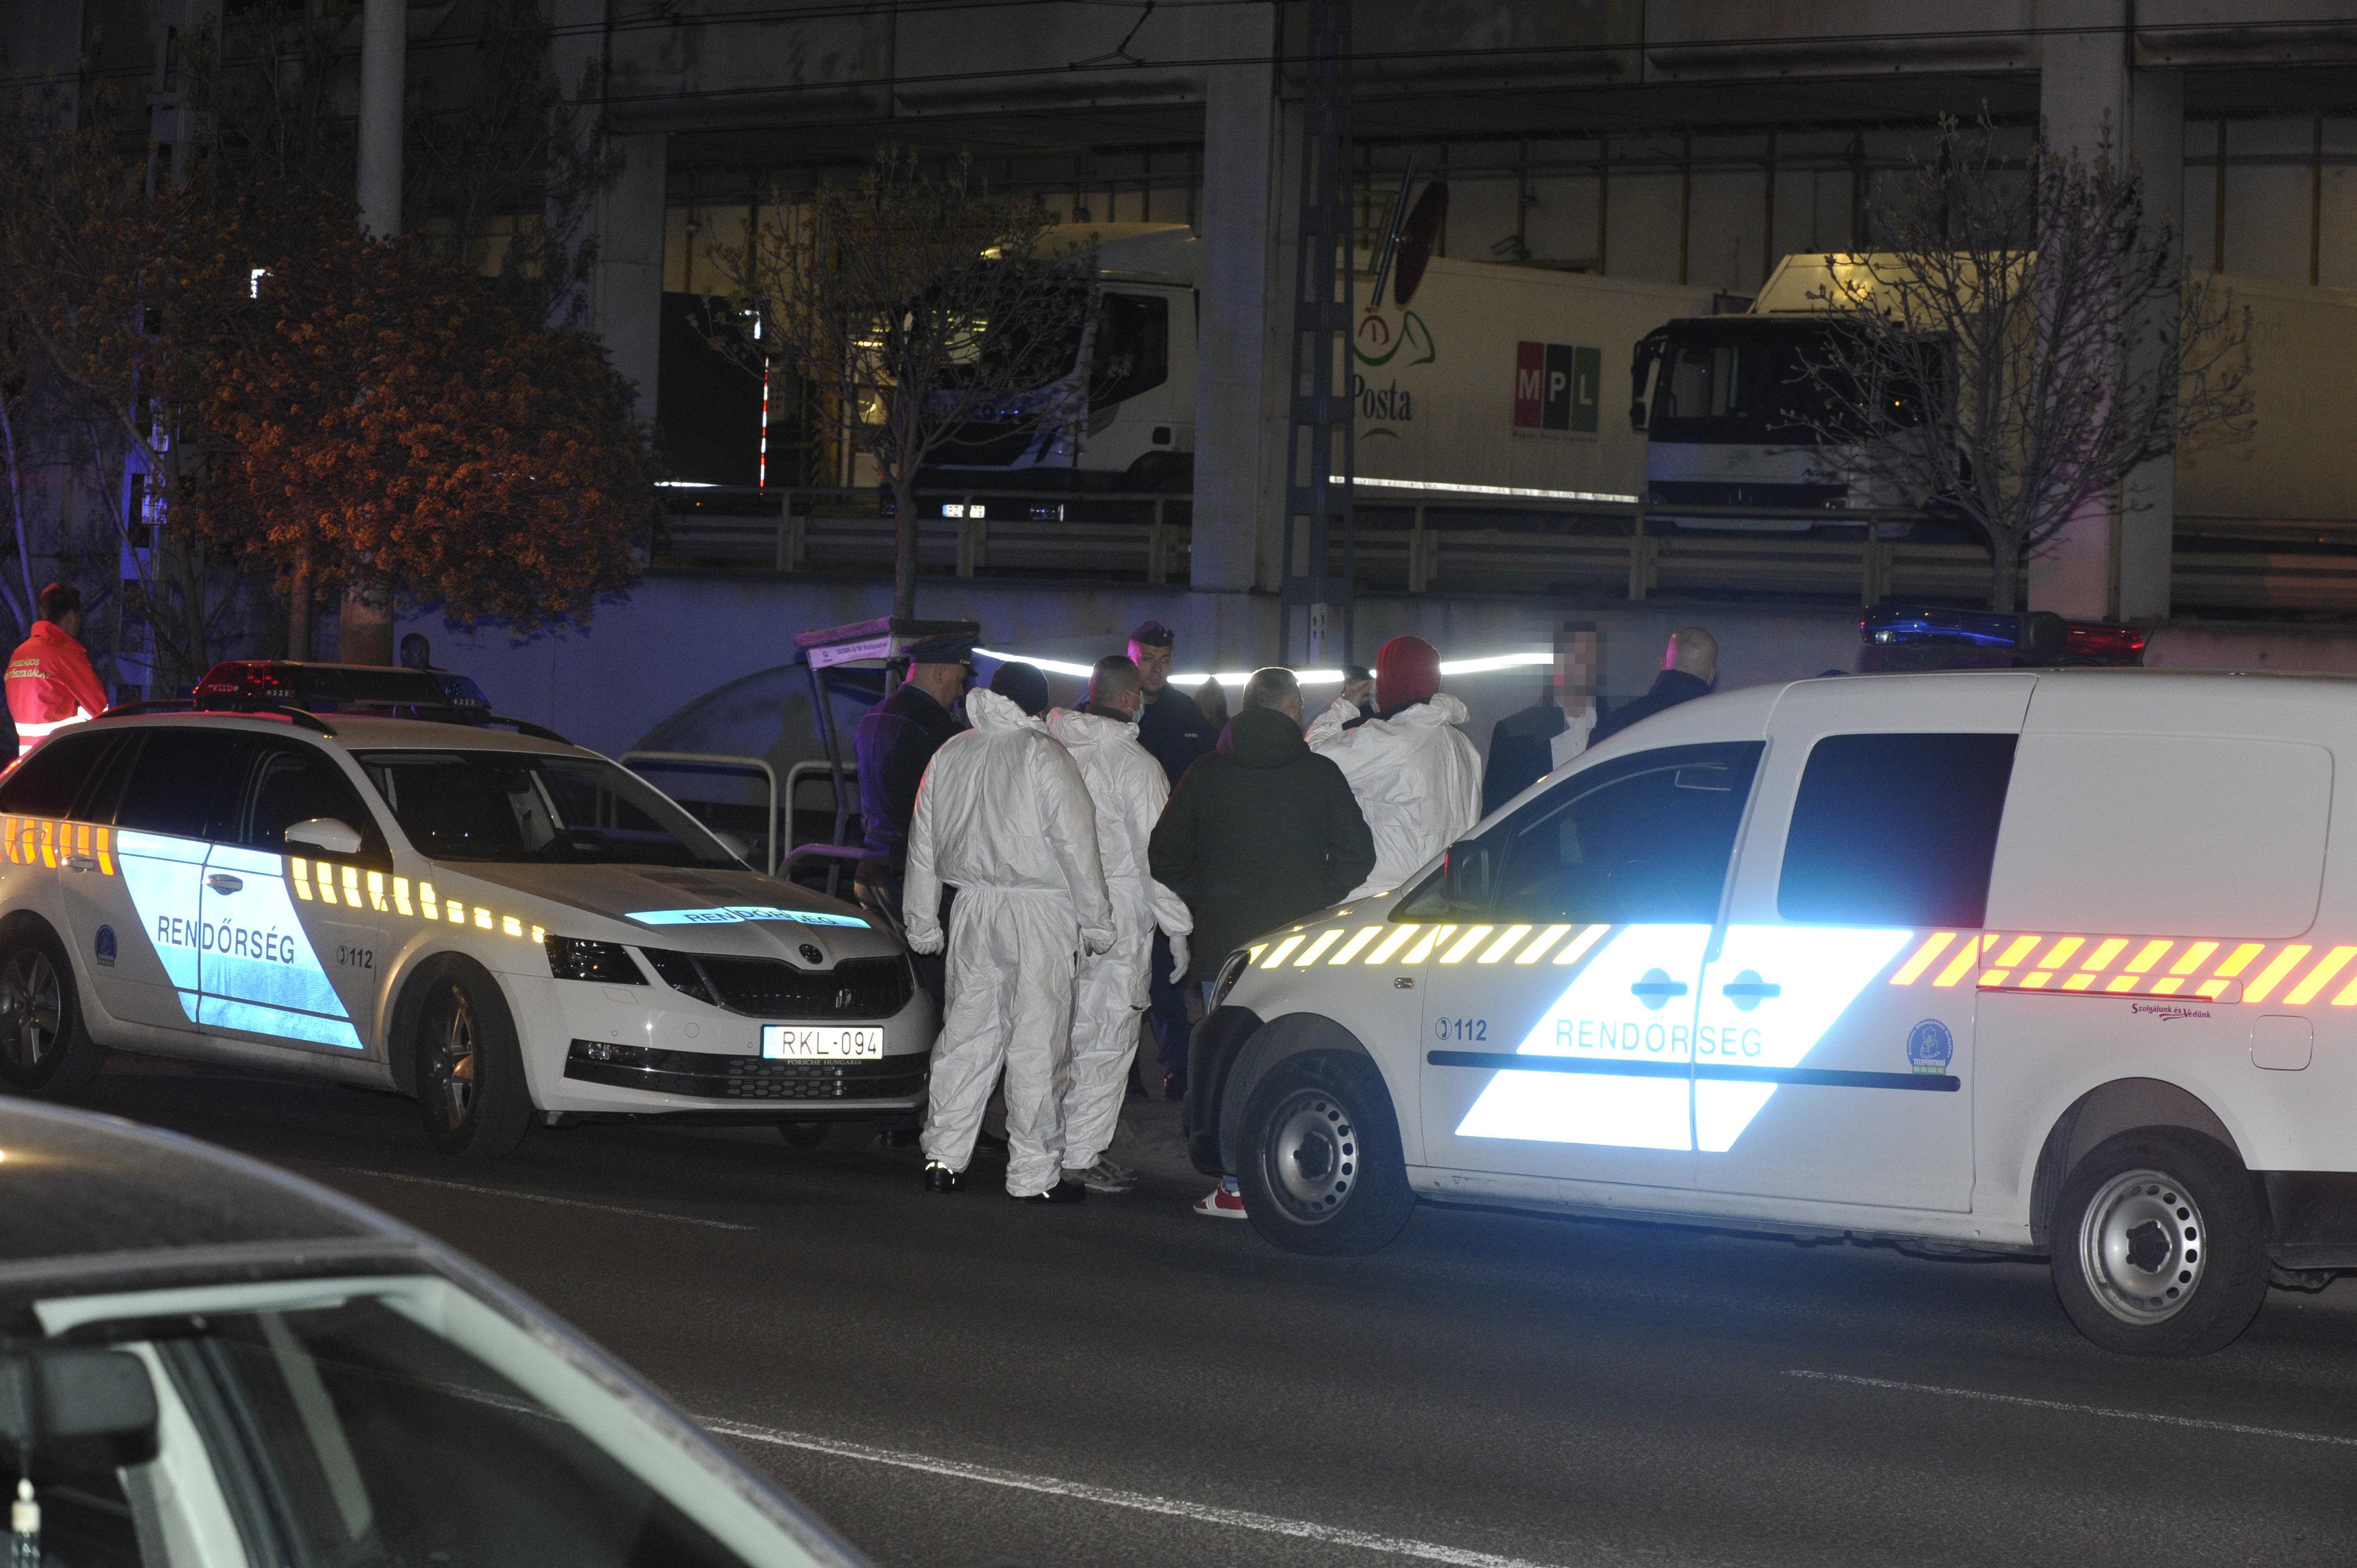 Vádat emeltek három ember ellen, akik tavaly a 28-as villamoson belekötöttek egy férfiba, majd agyonszúrták